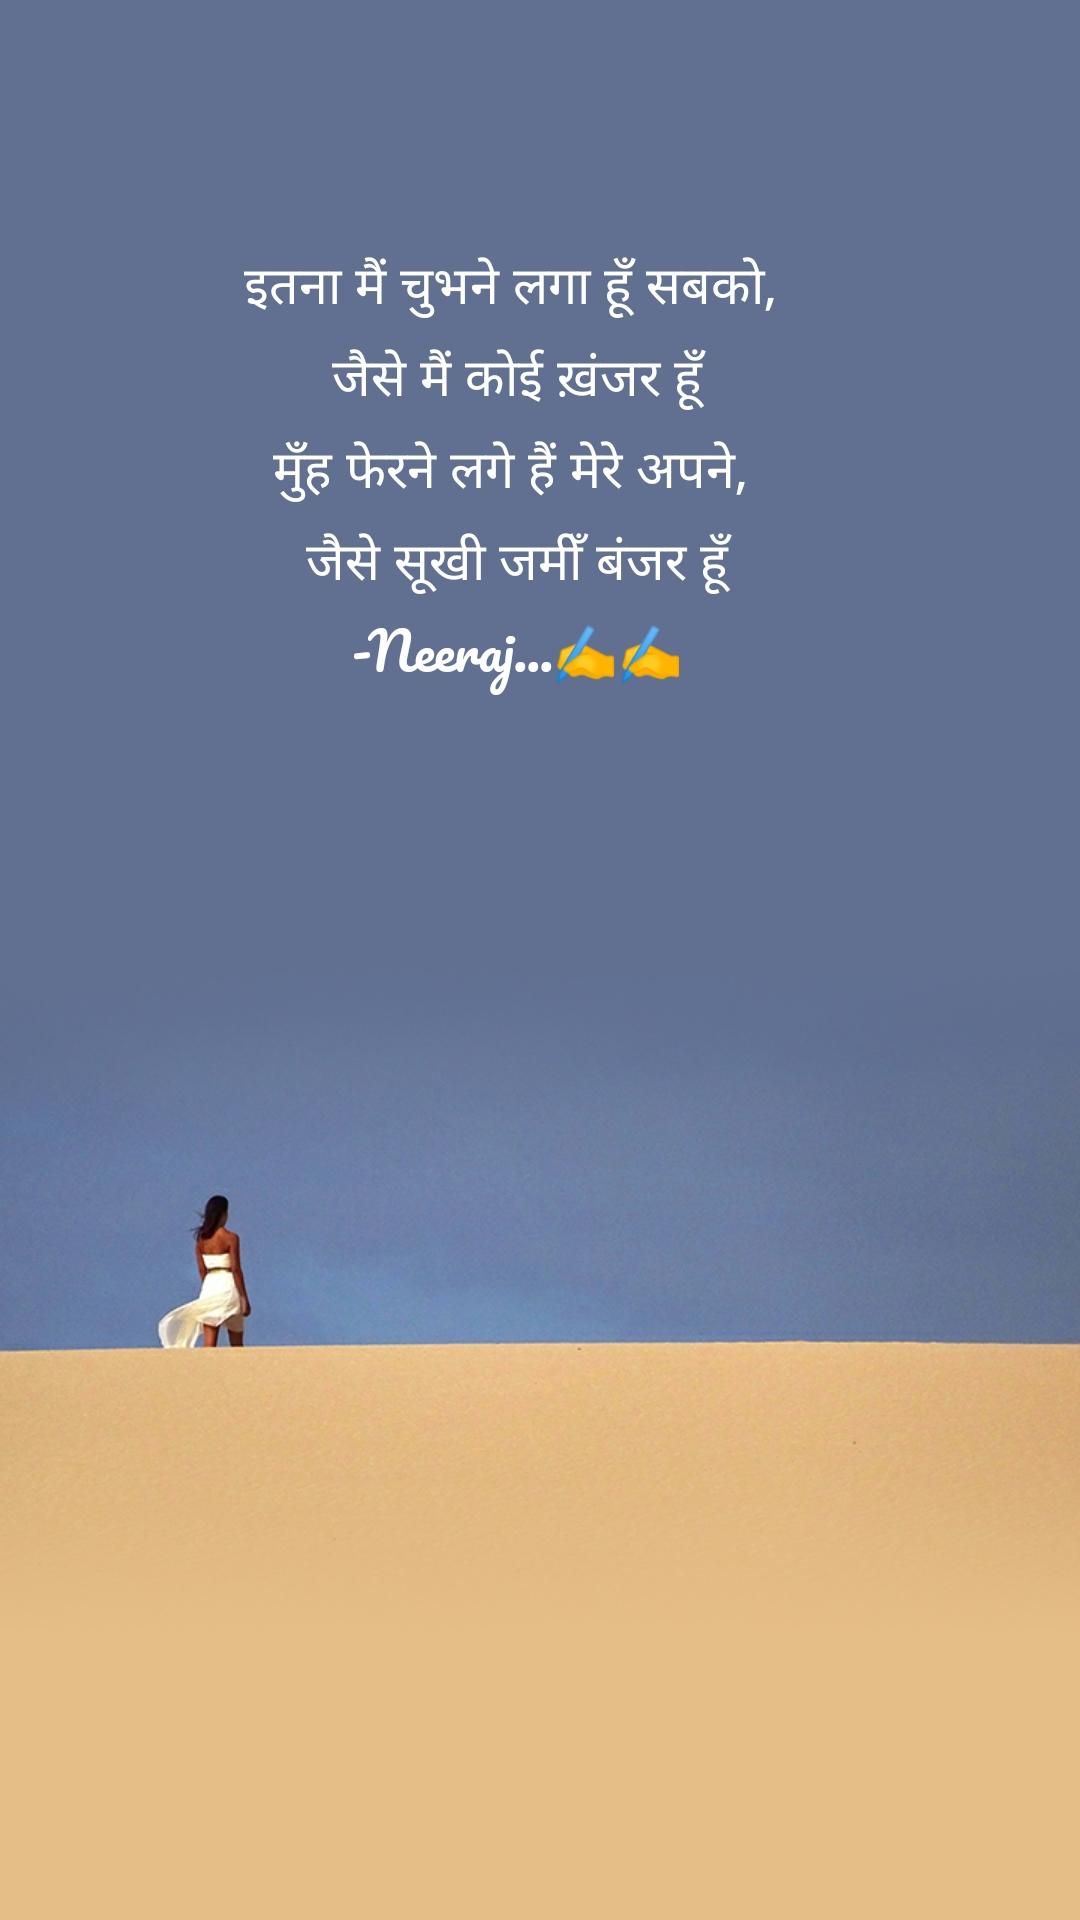 इतना मैं चुभने लगा हूँ सबको,  जैसे मैं कोई ख़ंजर हूँ मुँह फेरने लगे हैं मेरे अपने,  जैसे सूखी जमीँ बंजर हूँ -Neeraj...✍️✍️